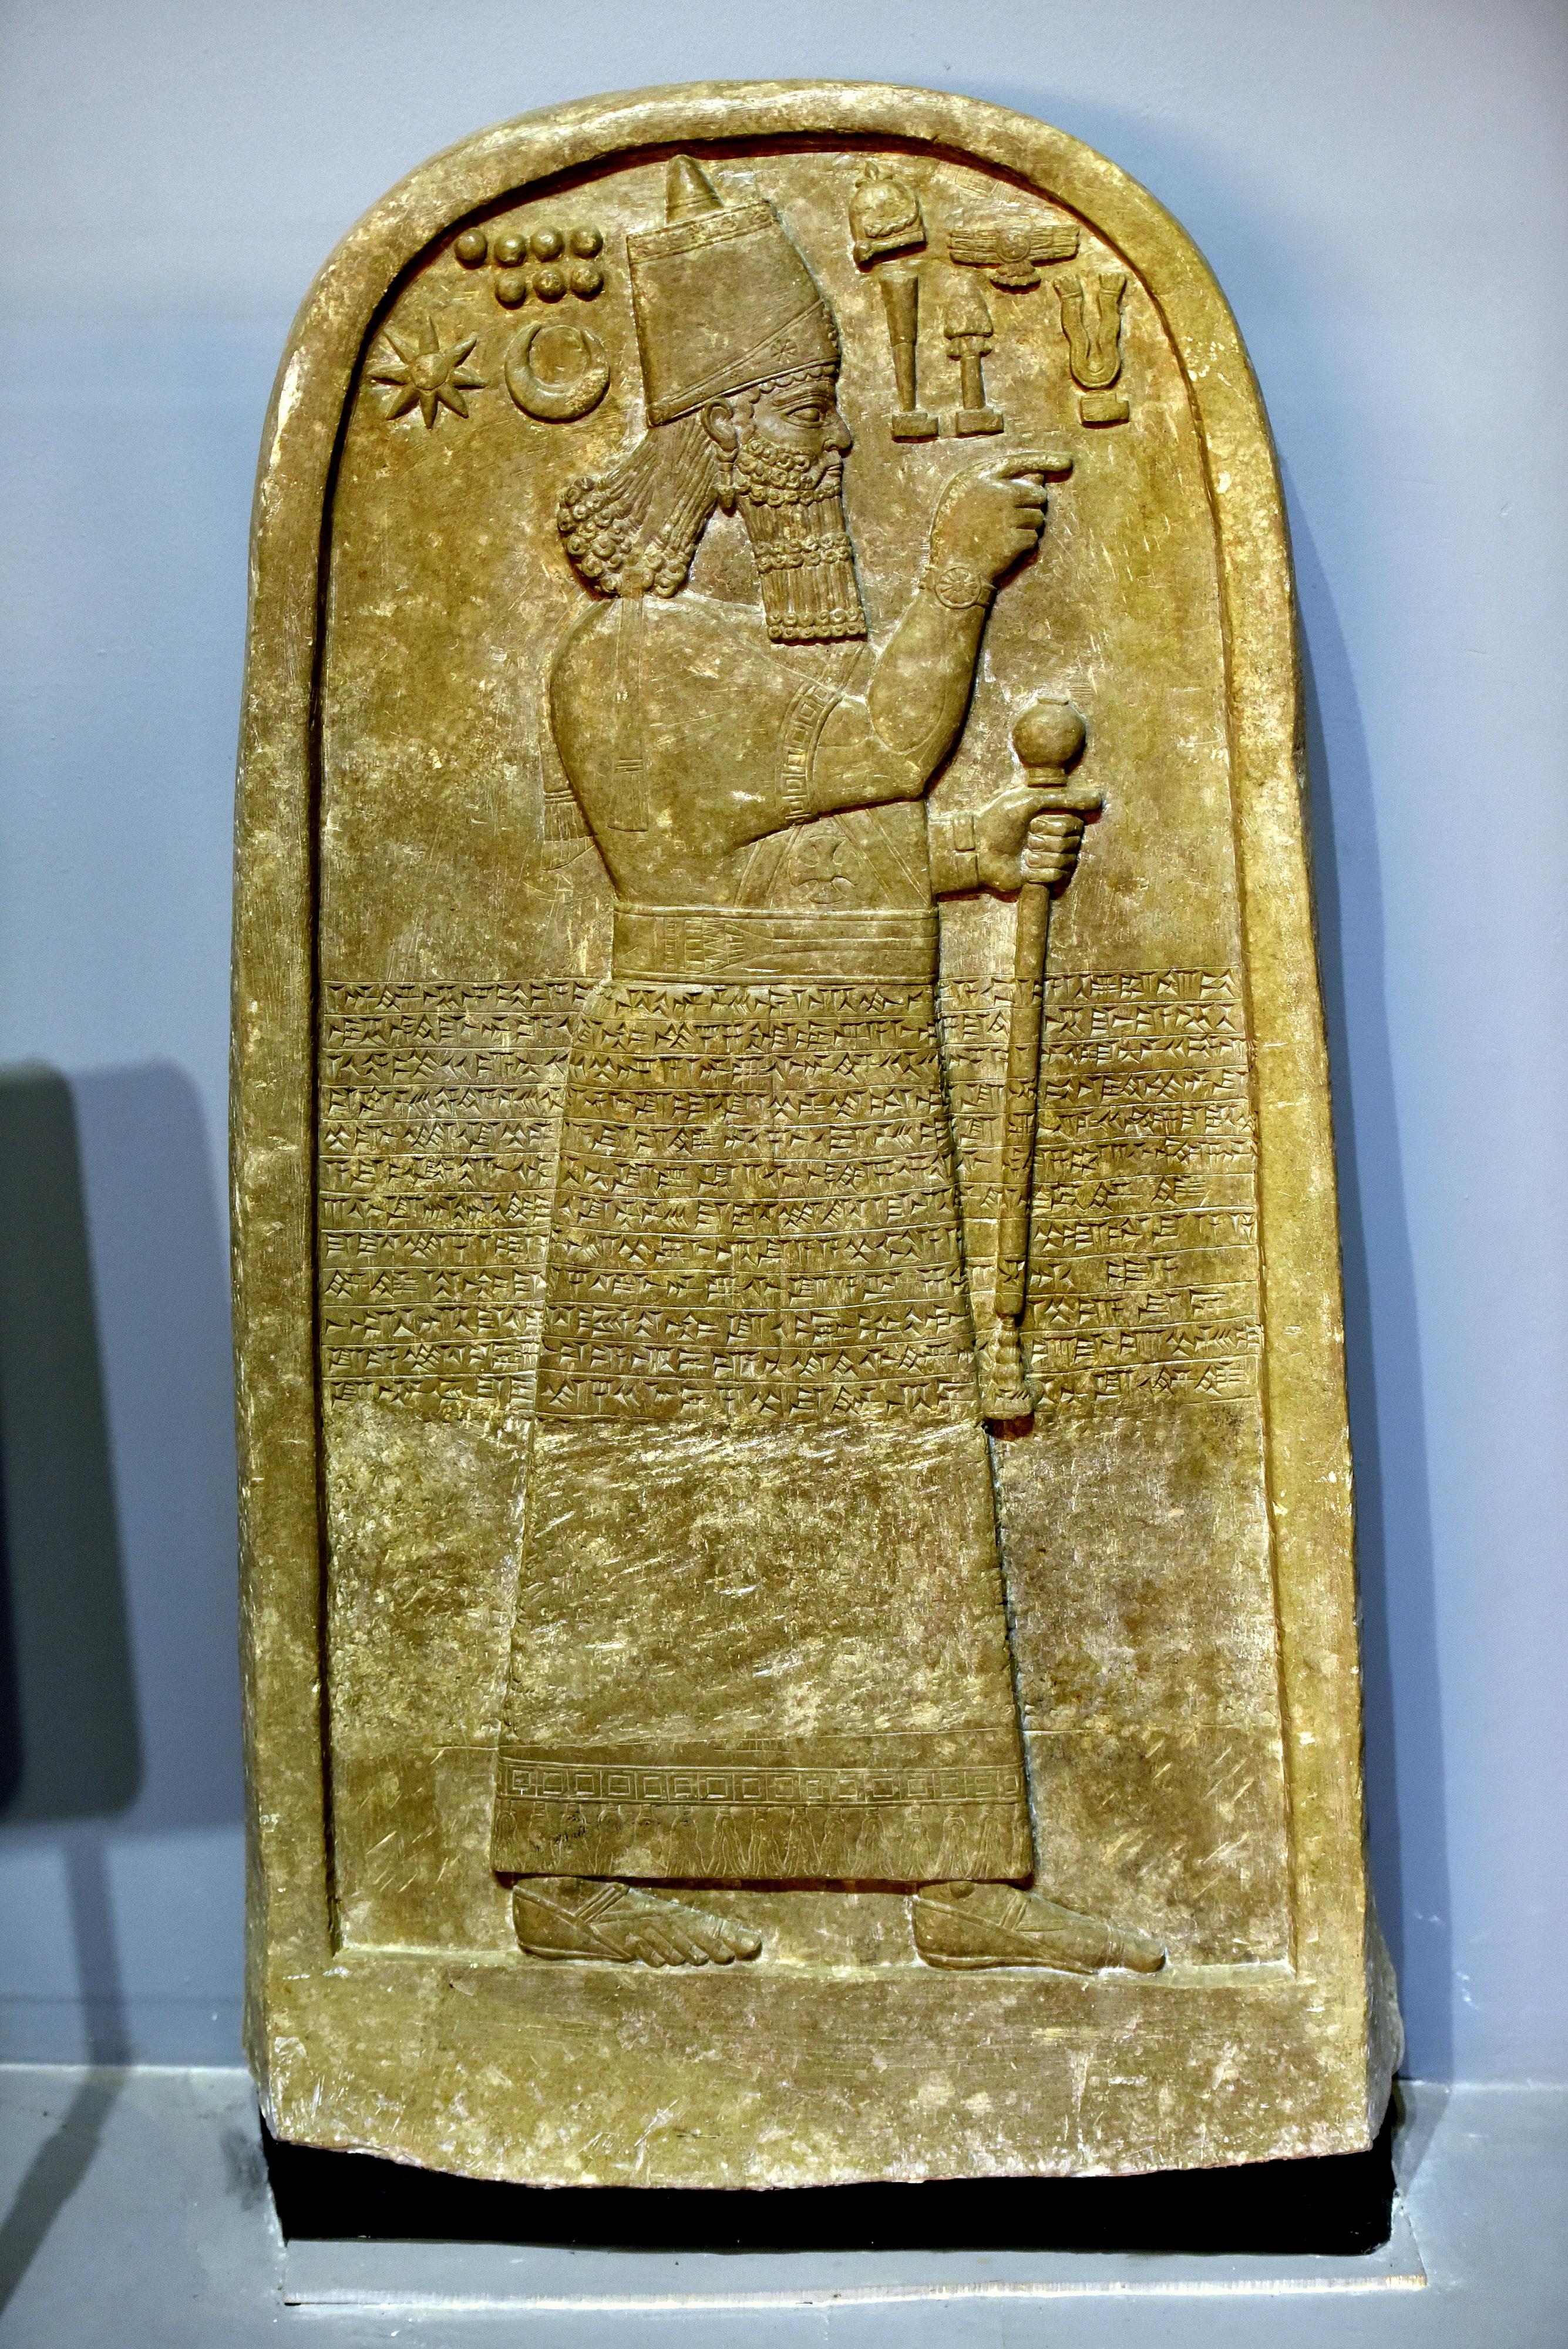 上图:在伊拉克尼尼微省的Tell al-Rimah遗址出土的亚述王阿达德尼拉里三世(Adad-nirari III,主前811-783年在位)石碑,现存于大英博物馆。碑文记录了他西征亚兰的功绩,当时向他进贡的诸王中包括「撒玛利亚约阿施」。